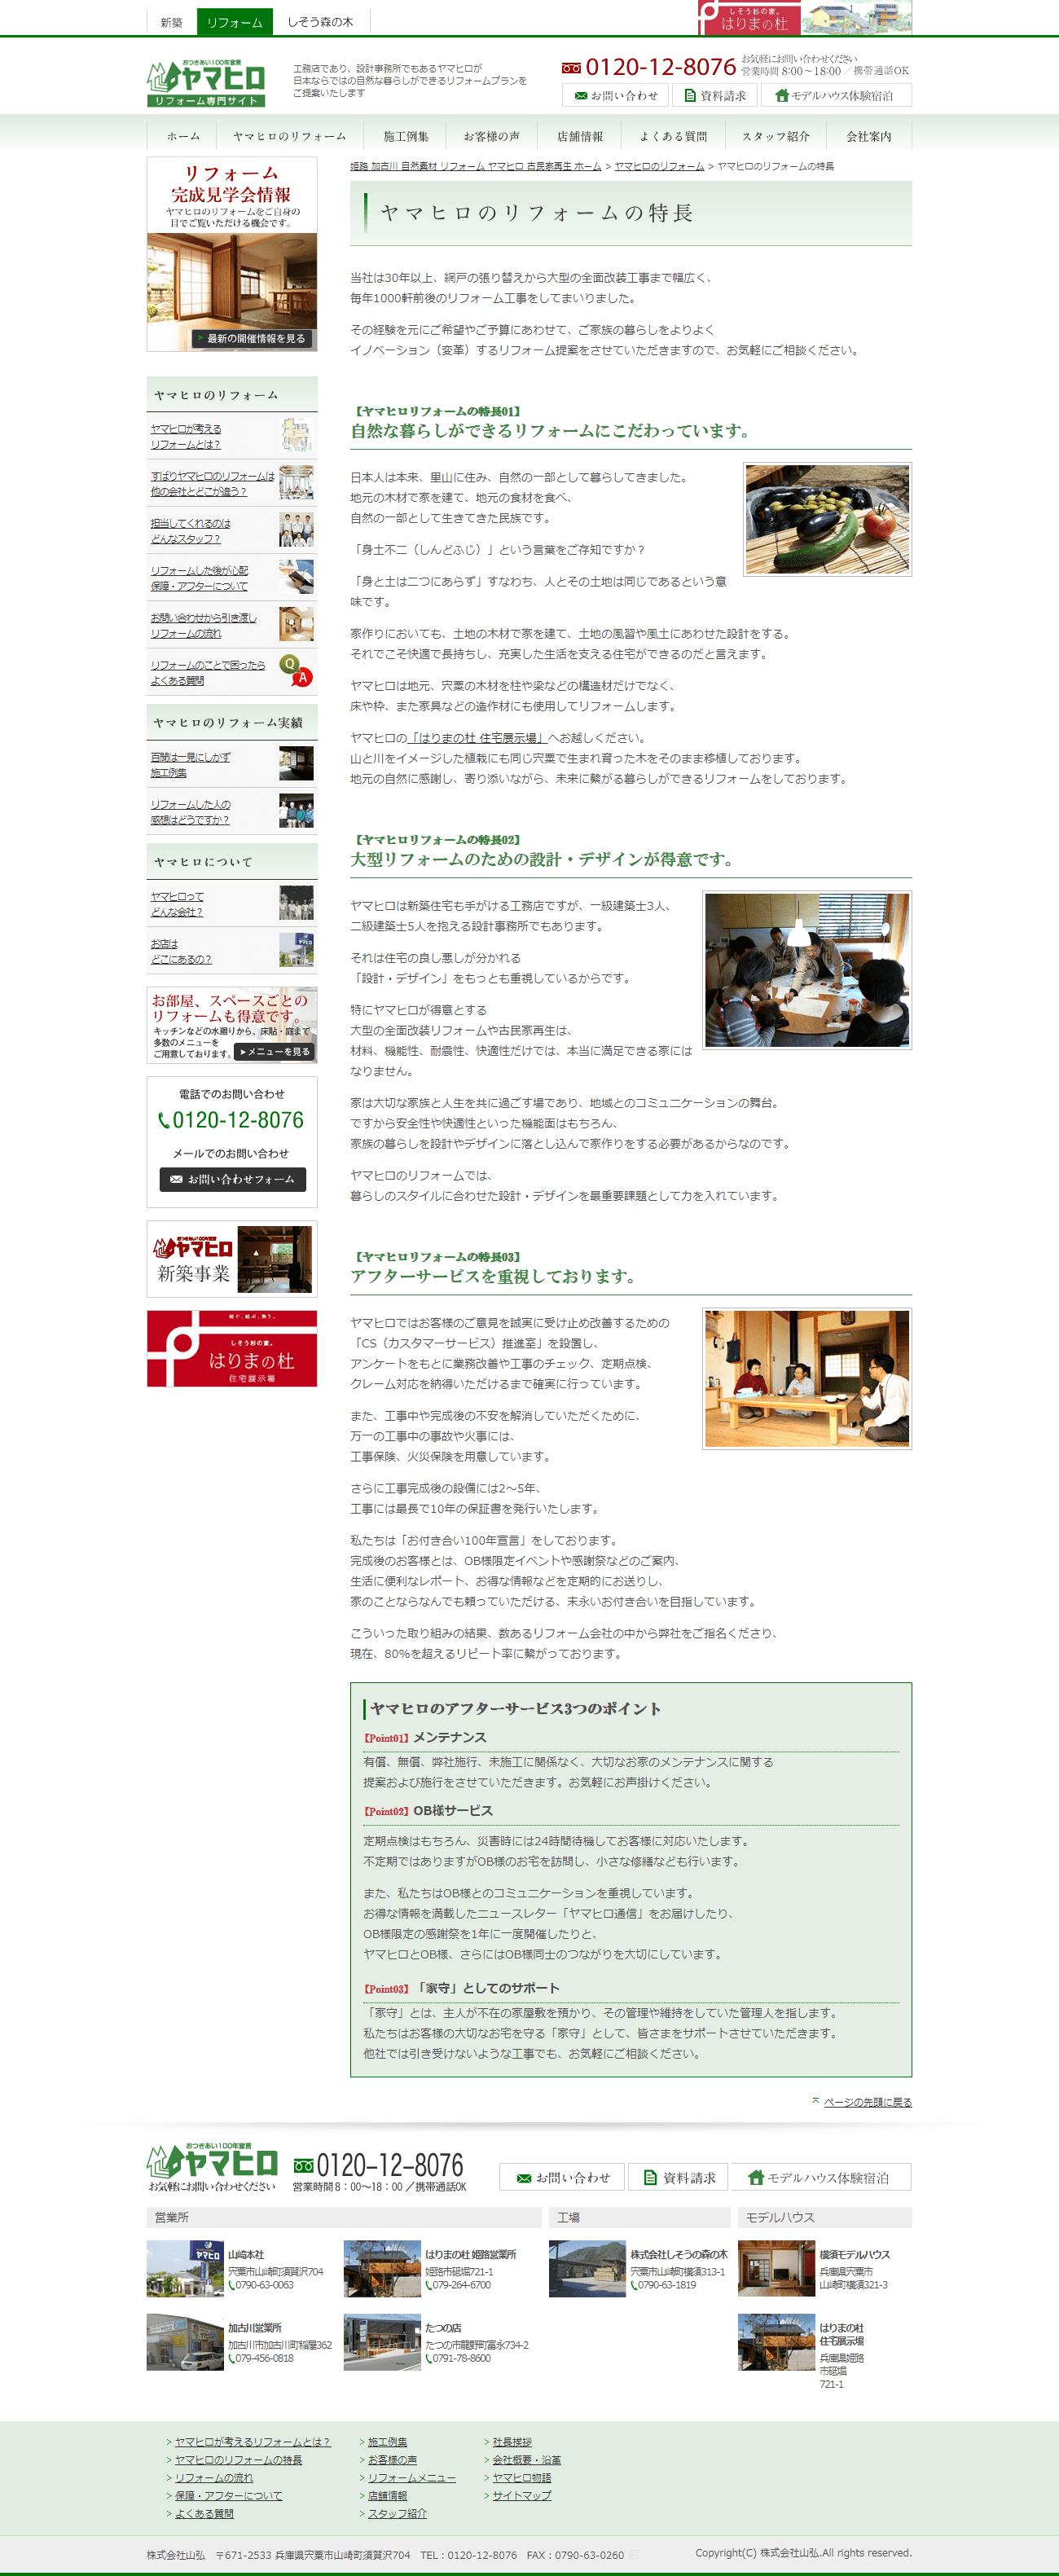 宍粟市 株式会社山弘様2